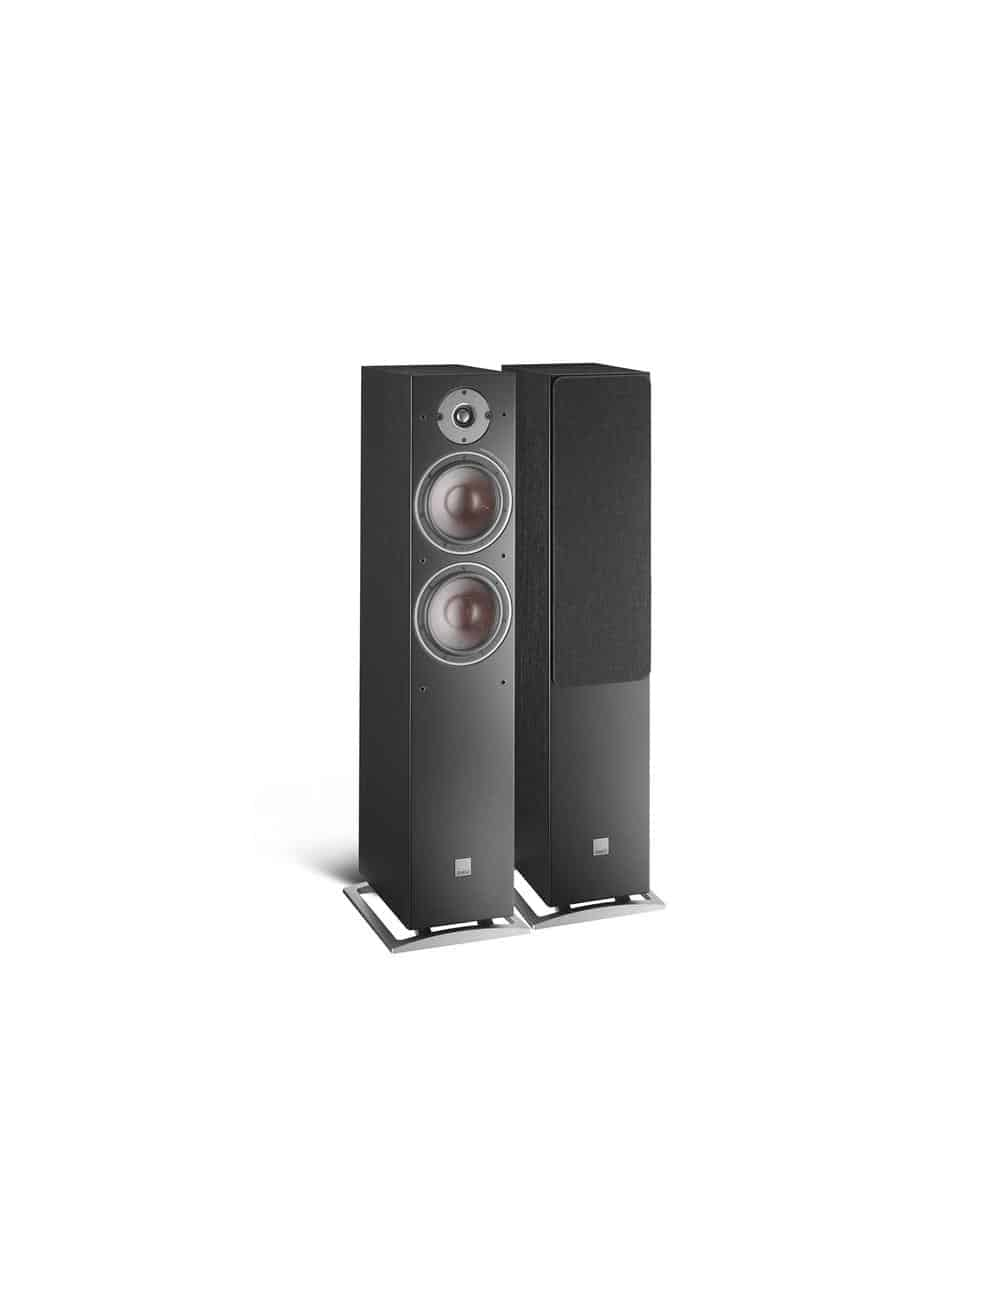 diffusori acustici da pavimento Dali Oberon 7 per HiFi e Home Cinema, finitura nero